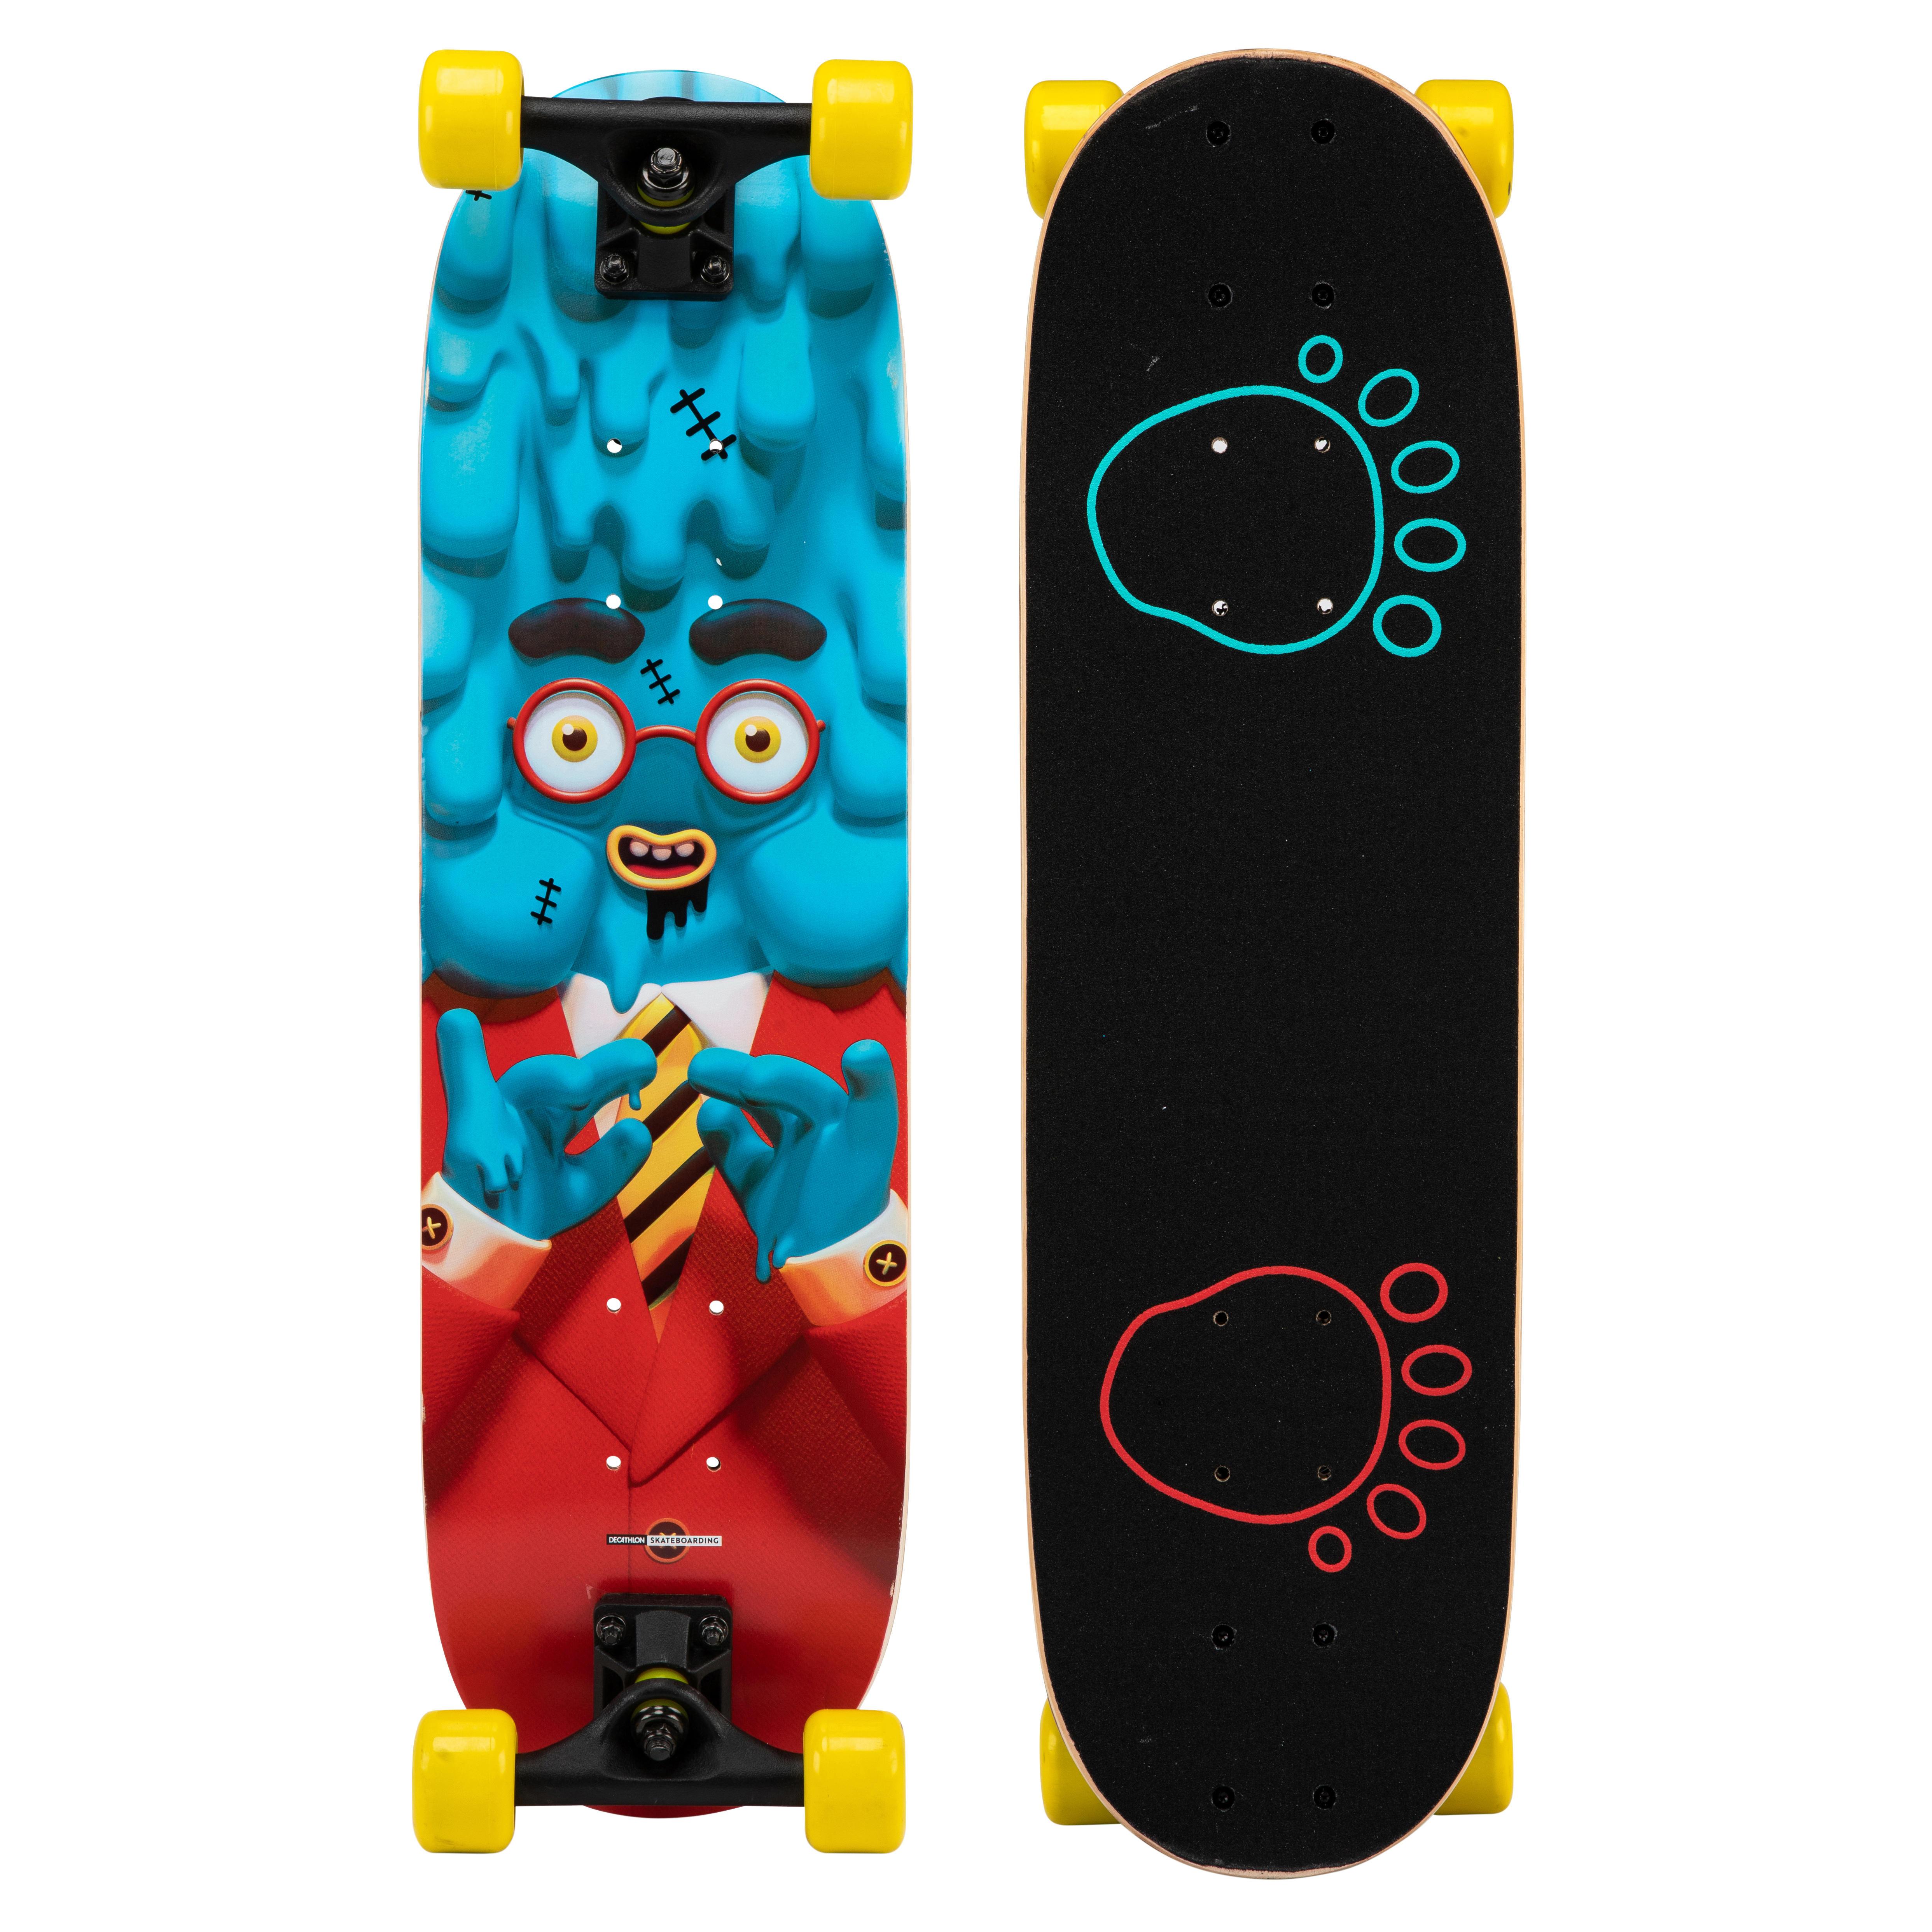 Skateboard PLAY 120 MEDUSA imagine